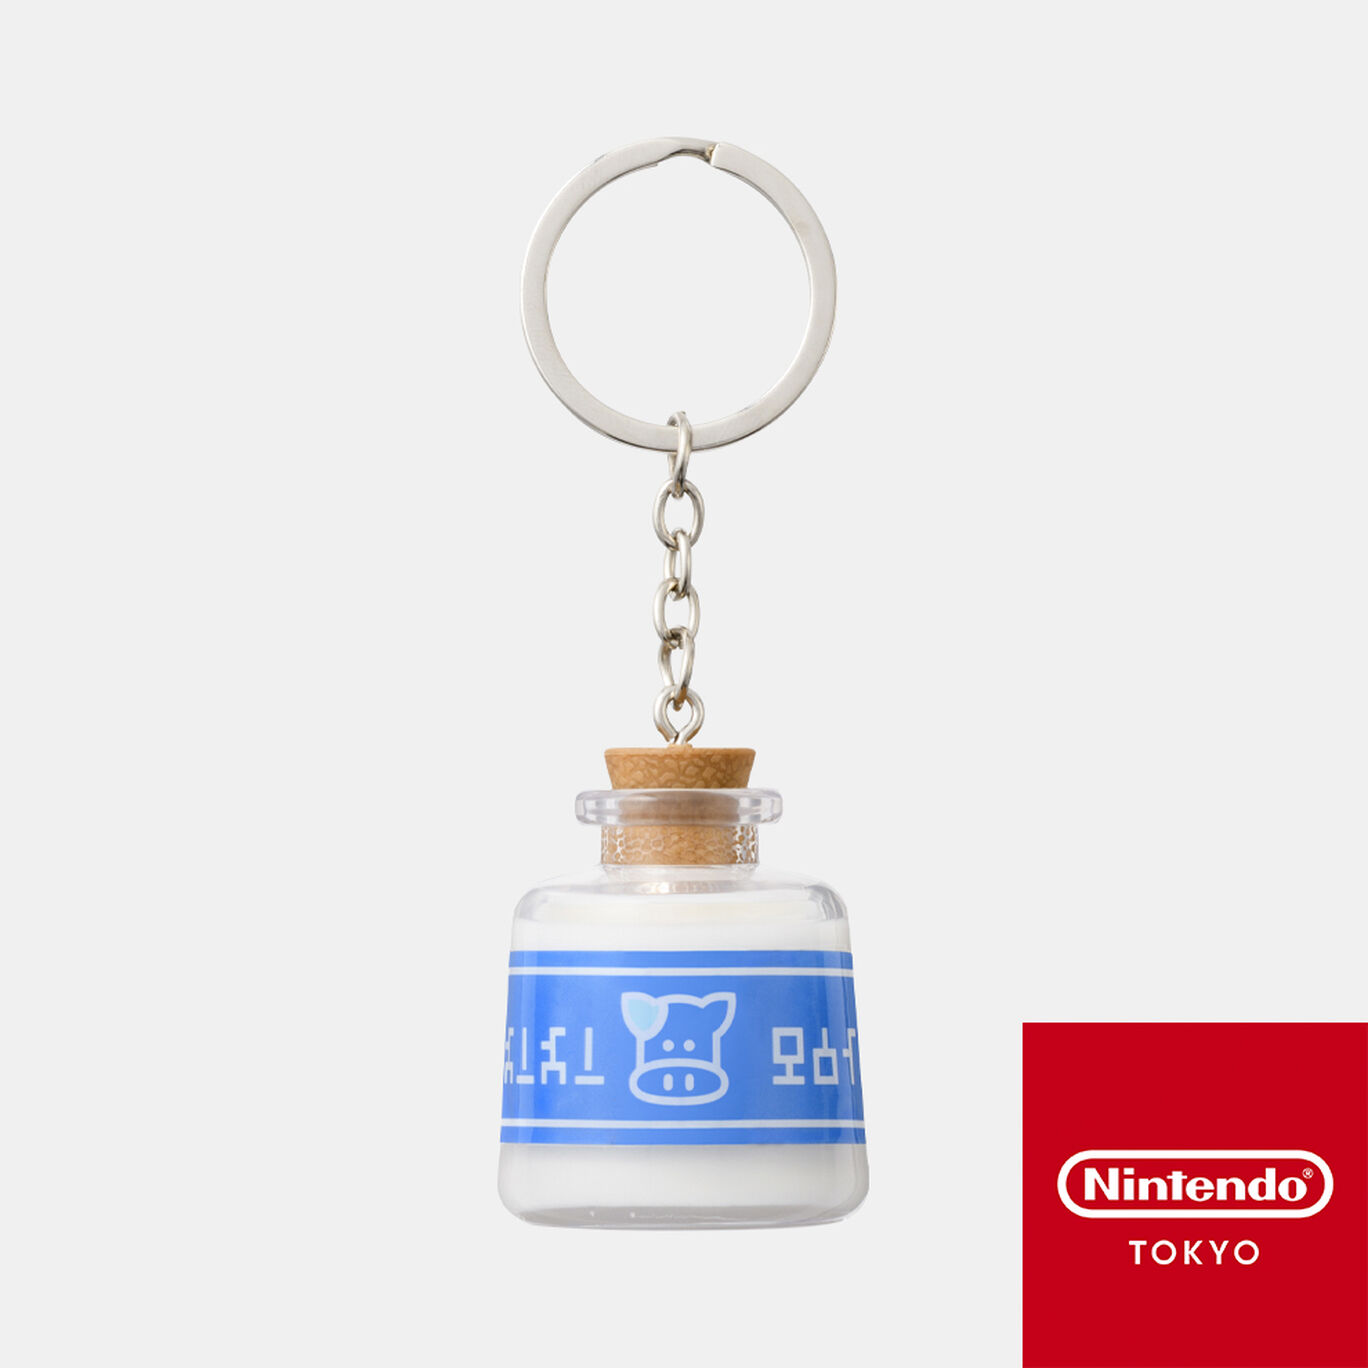 【新商品】キーホルダー ロンロン牛乳 ゼルダの伝説【Nintendo TOKYO取り扱い商品】